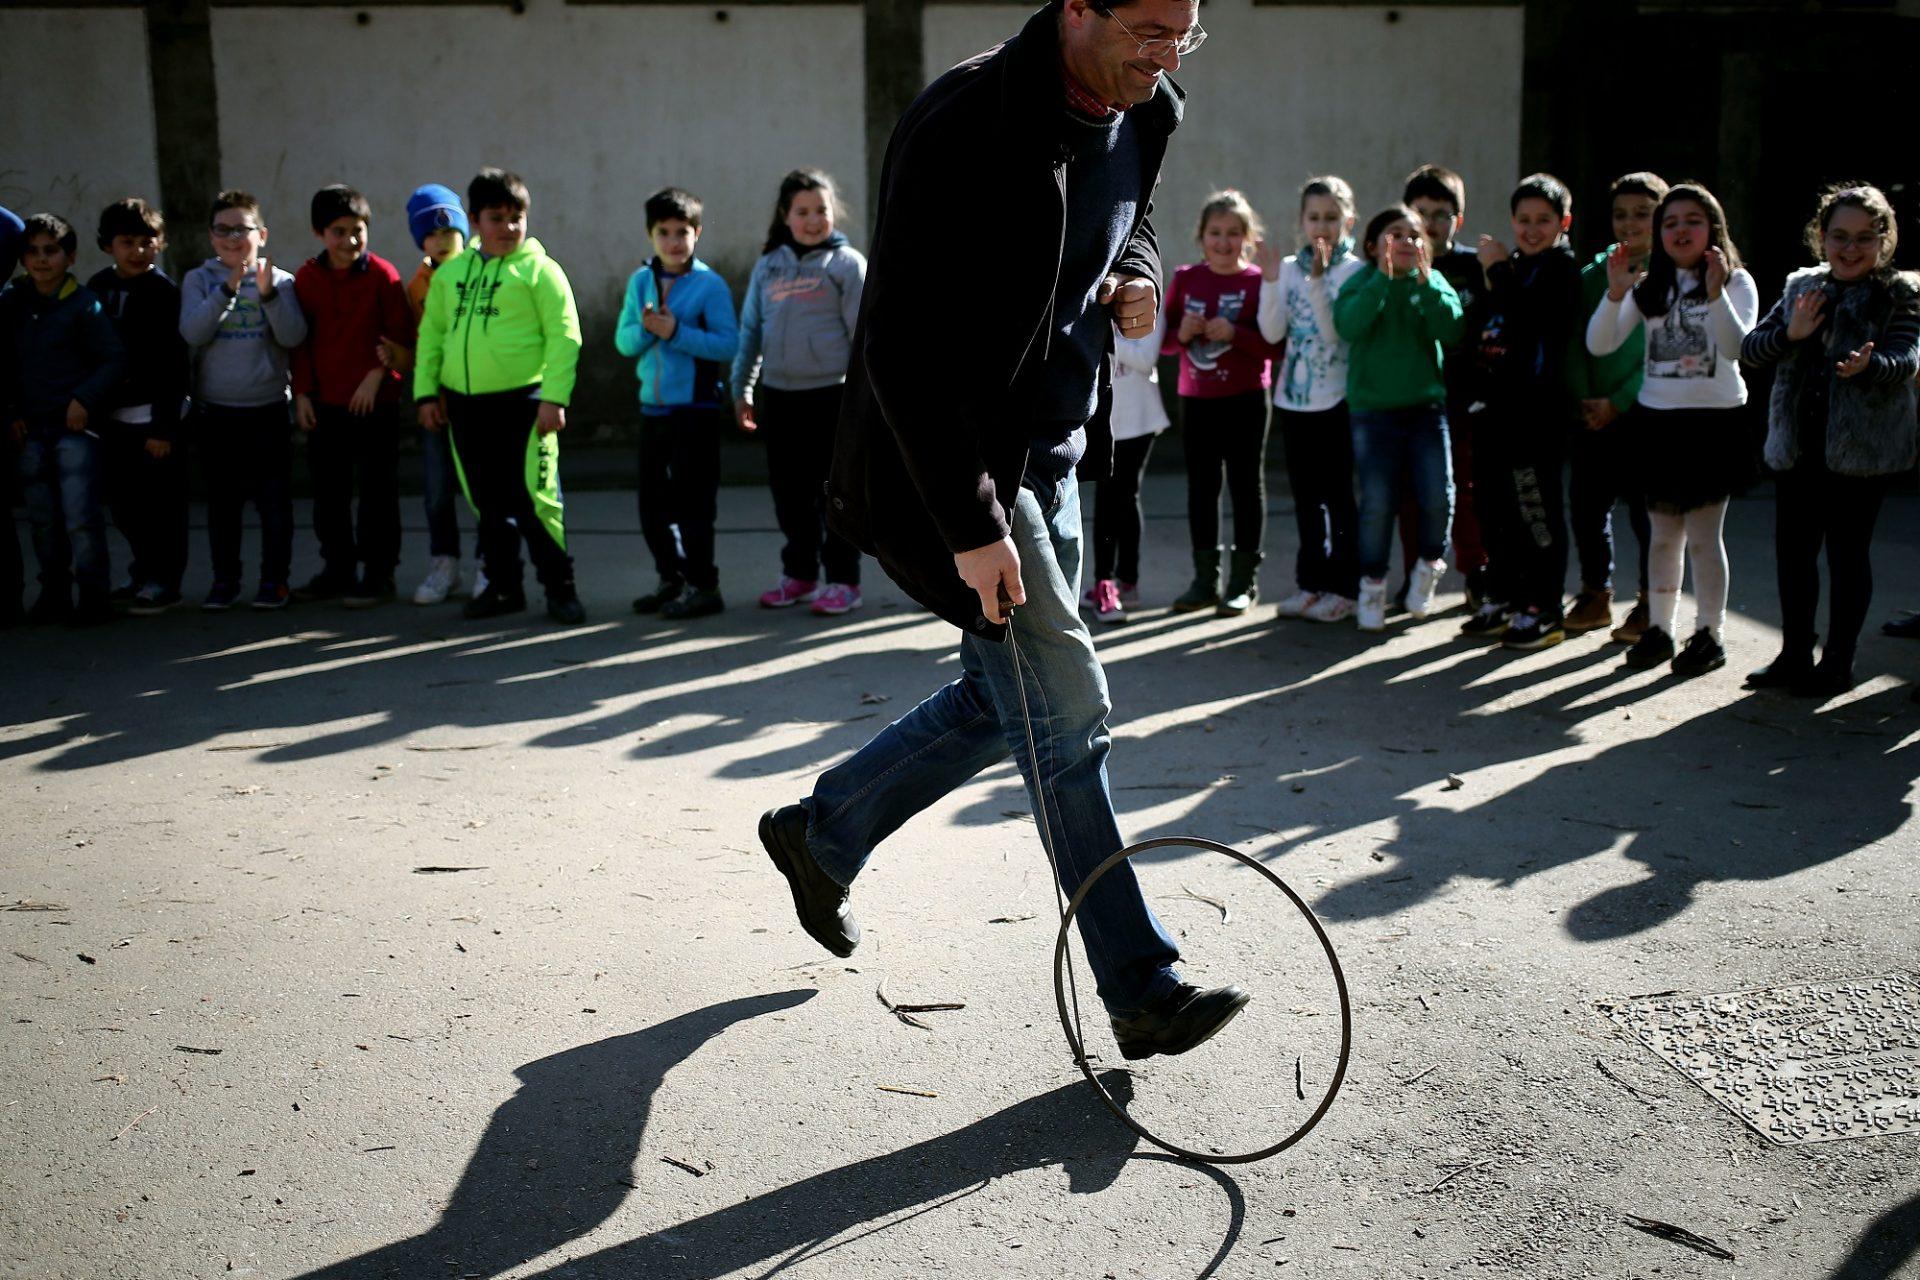 Um adulto demonstra como se brinca com o arco às crianças da escola do Susão que participam numa iniciativa da Associação das Coletividades do Concelho de Valongo para promover os jogos tradicionais portugueses junto das escolas do concelho de Valongo, 19 de fevereiro de 2016. ESTELA SILVA/LUSA